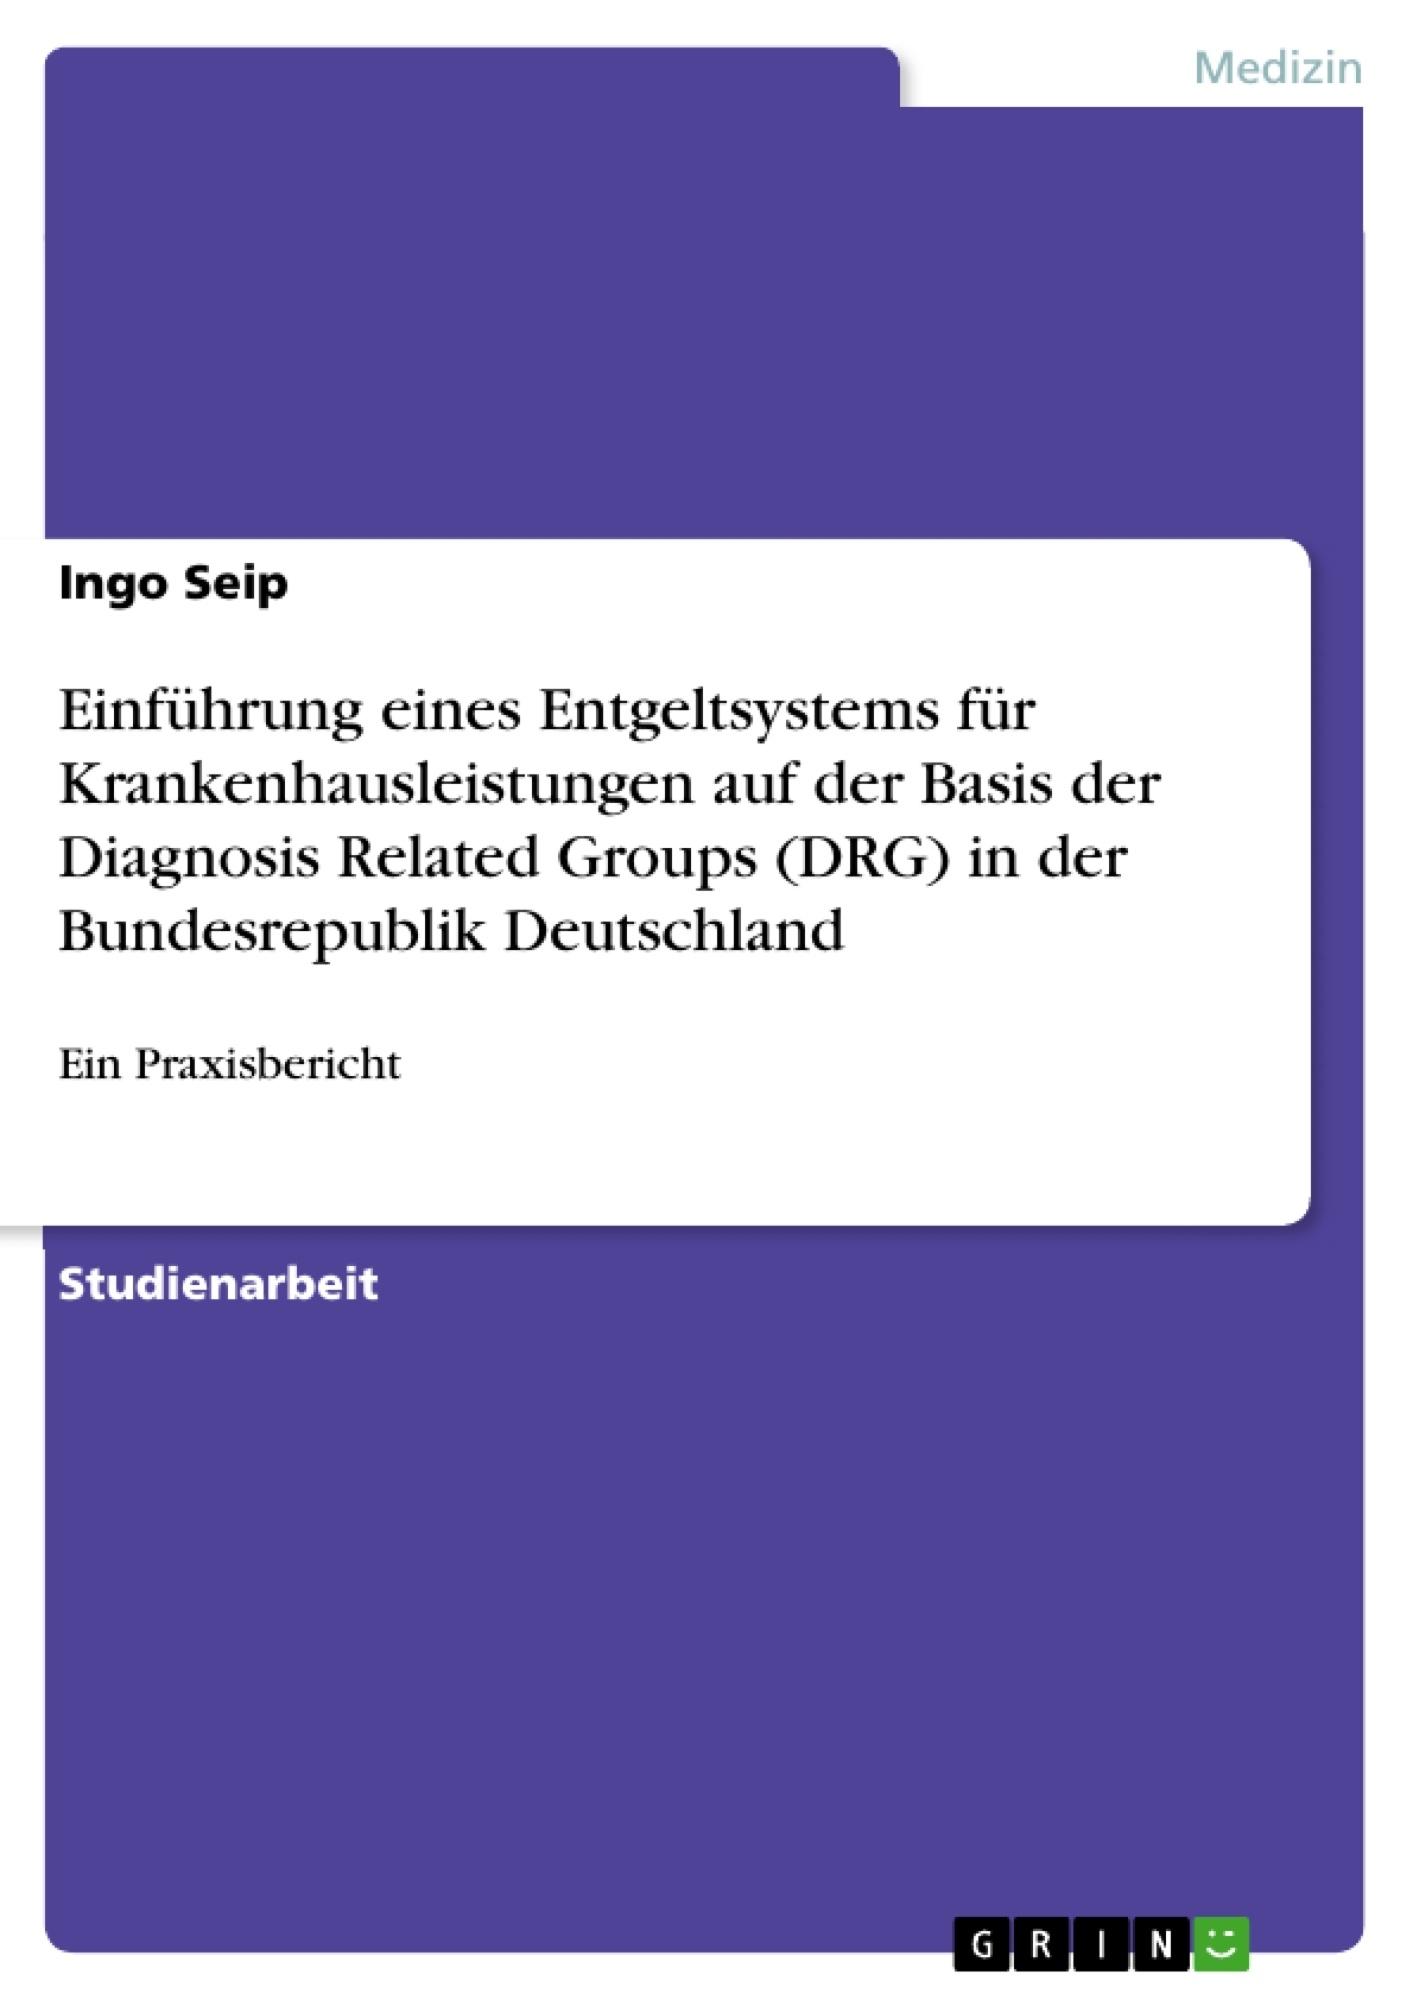 Titel: Einführung eines Entgeltsystems für Krankenhausleistungen auf der Basis der Diagnosis Related Groups (DRG) in der Bundesrepublik Deutschland